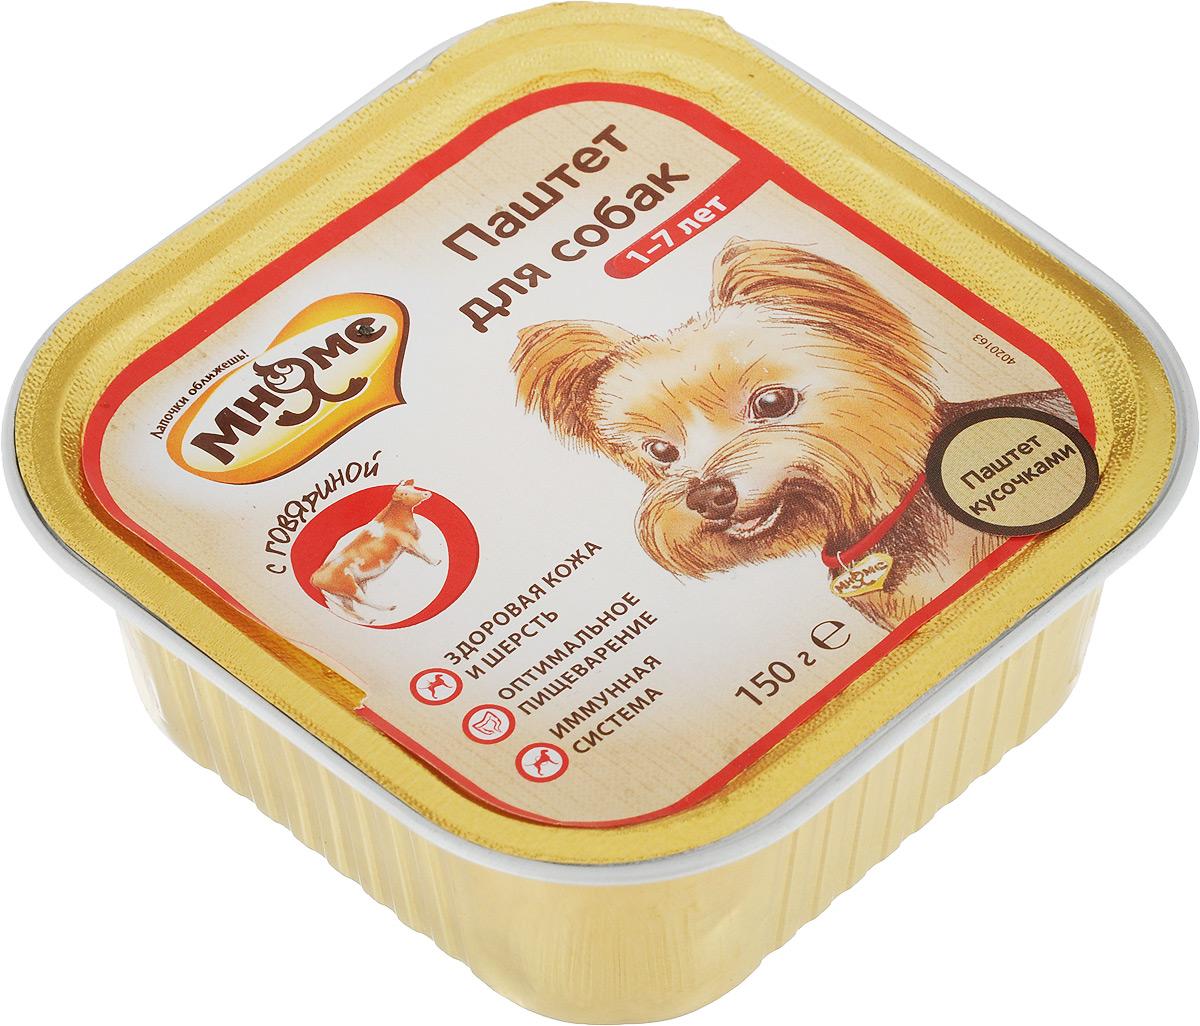 Консервы для собак Мнямс, паштет с говядиной, 150 г0120710Консервы для собак Мнямс - это полноценное питание для взрослых собак в возрасте 1-7 лет. Основным компонентом корма является мясо. Кроме того, корм содержит витамин Е, умеренно ферментируемую клетчатку (пульпа сахарной свеклы), способствующую эффективному всасыванию питательных веществ, и оптимальный баланс жирных кислот омега-6 и омега-3, помогающих сохранить здоровье кожи и шерсти. Товар сертифицирован.